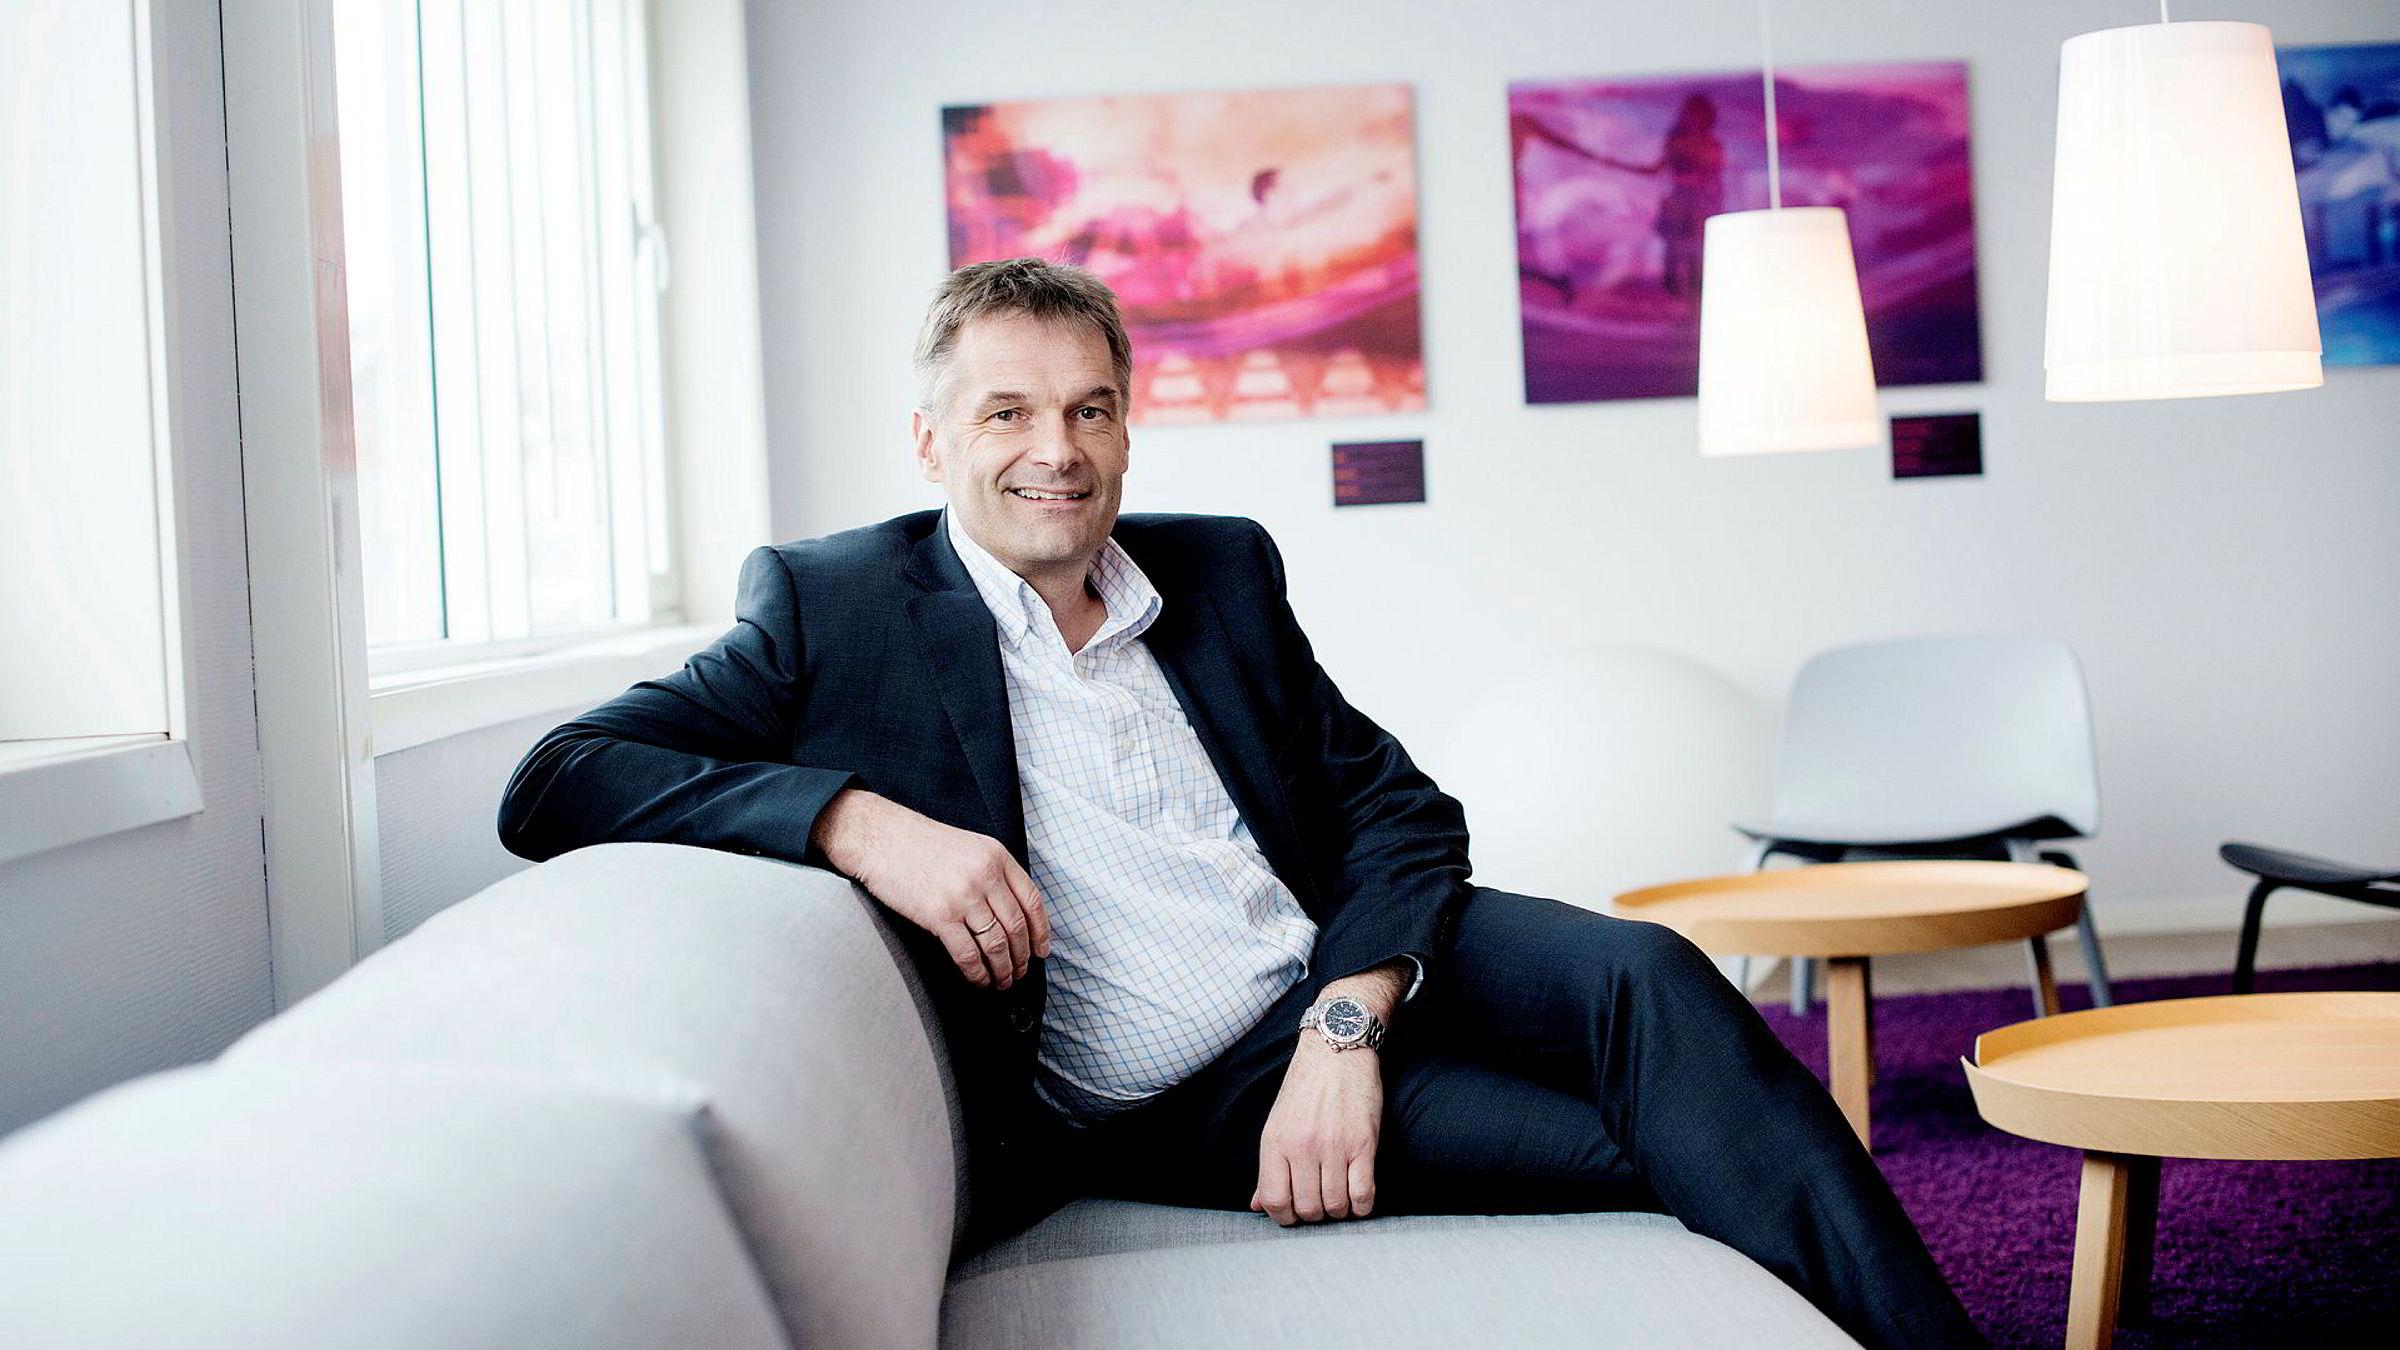 – Vi er veldig glad for tilliten, sier administrerende direktør Abraham Foss i Telia Norge om avtalen med Statens innkjøpssenter.